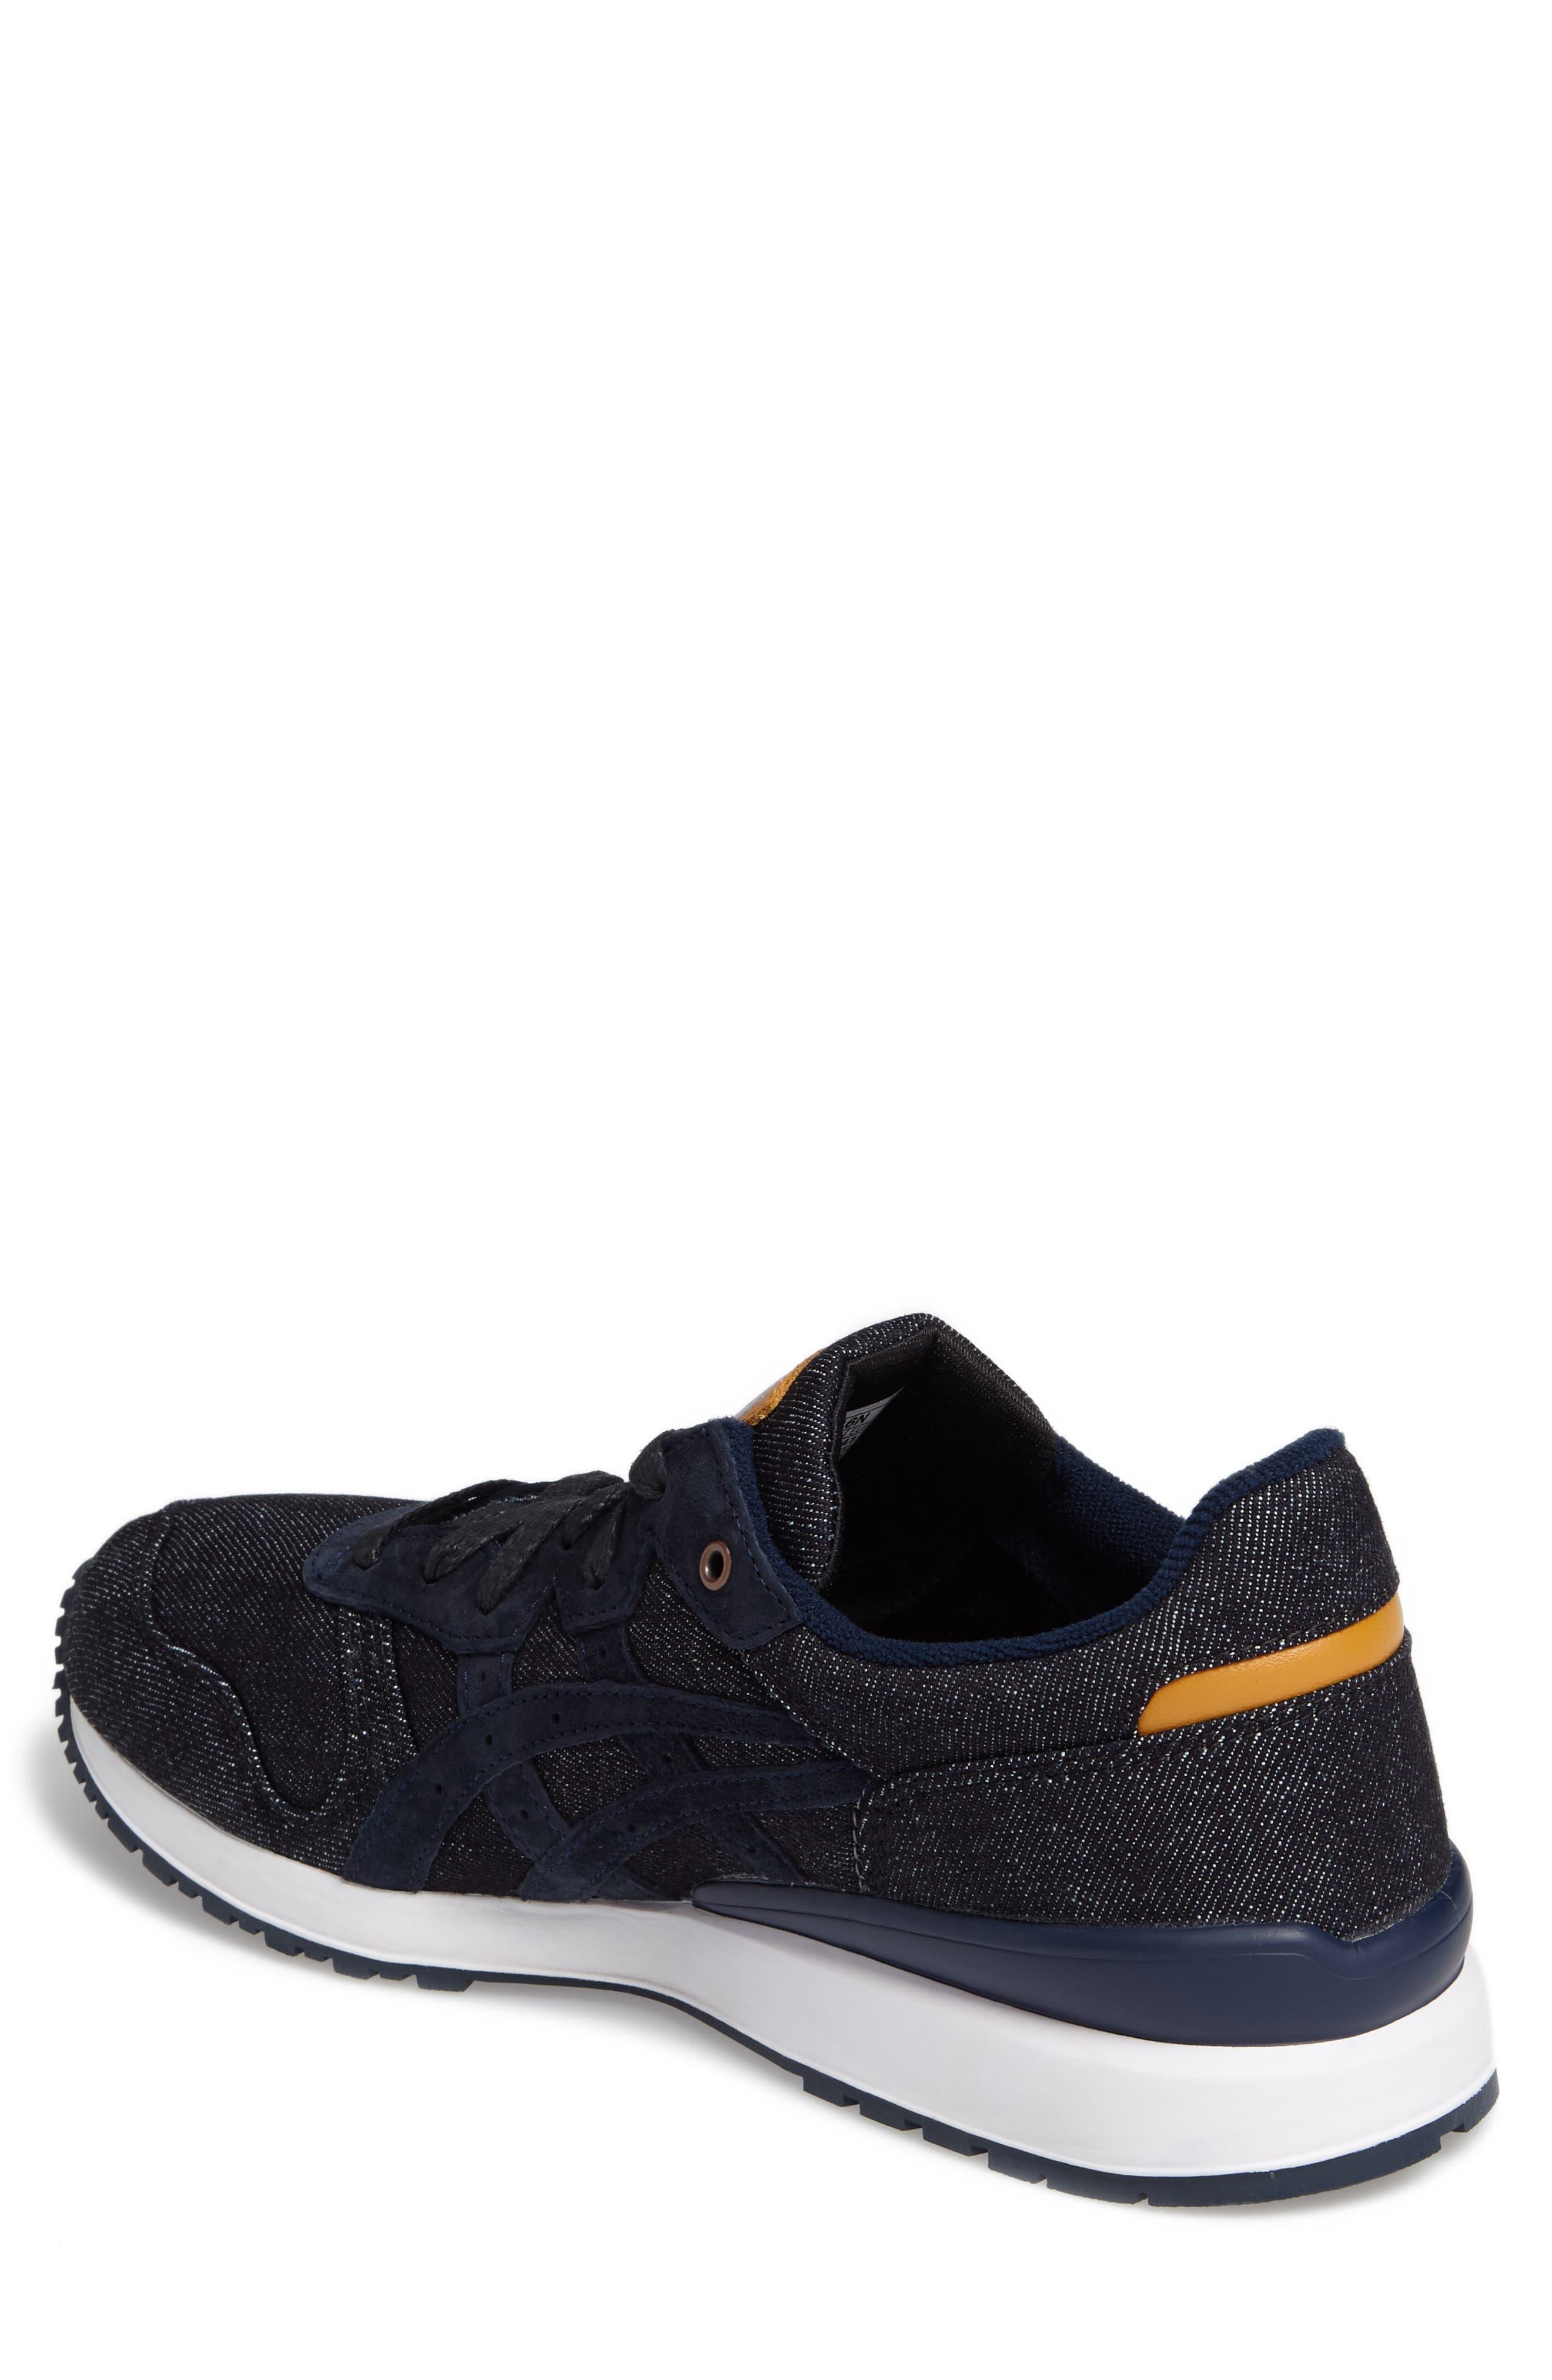 Onitsuka Tiger Ally Sneaker,                             Alternate thumbnail 2, color,                             Indigo Blue/ Indigo Blue